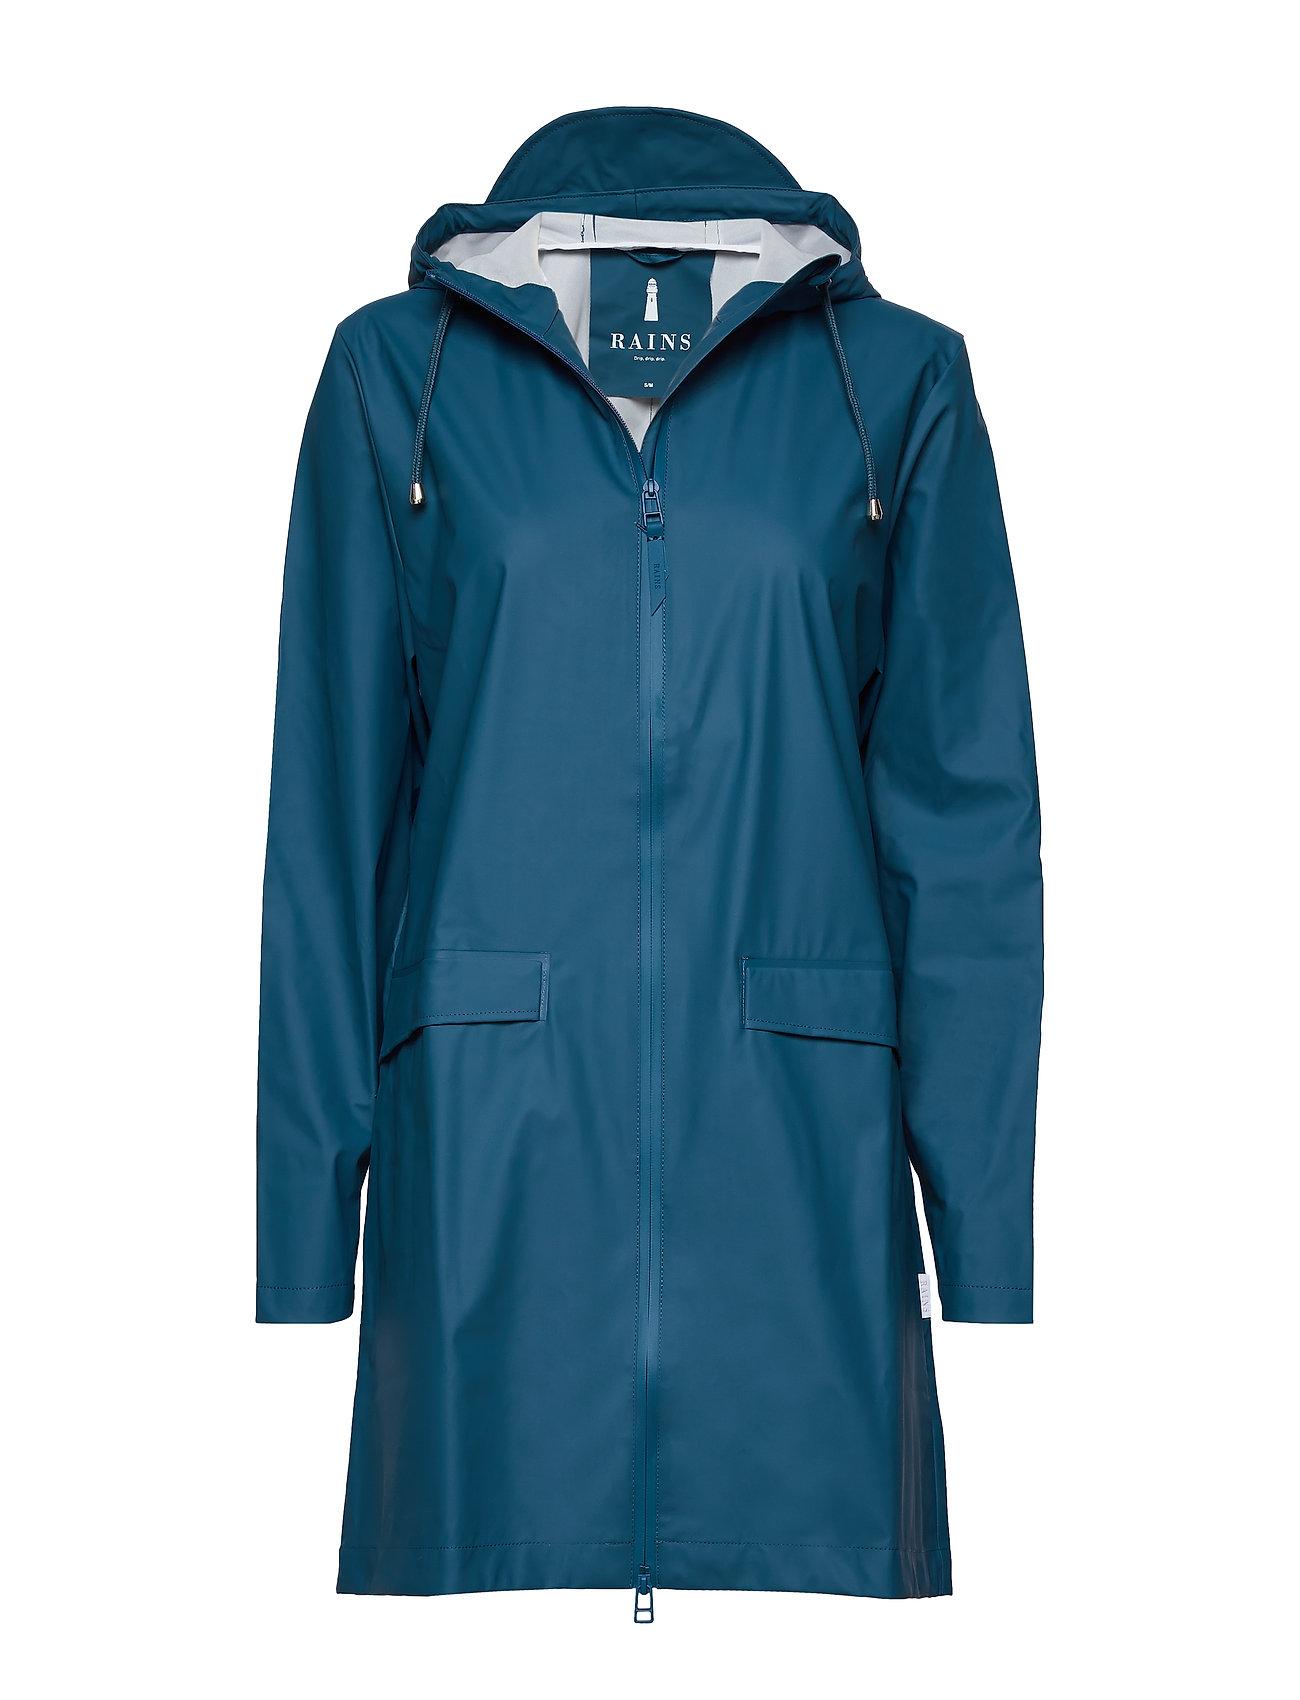 Image of W Coat Regntøj Blå Rains (3270664589)